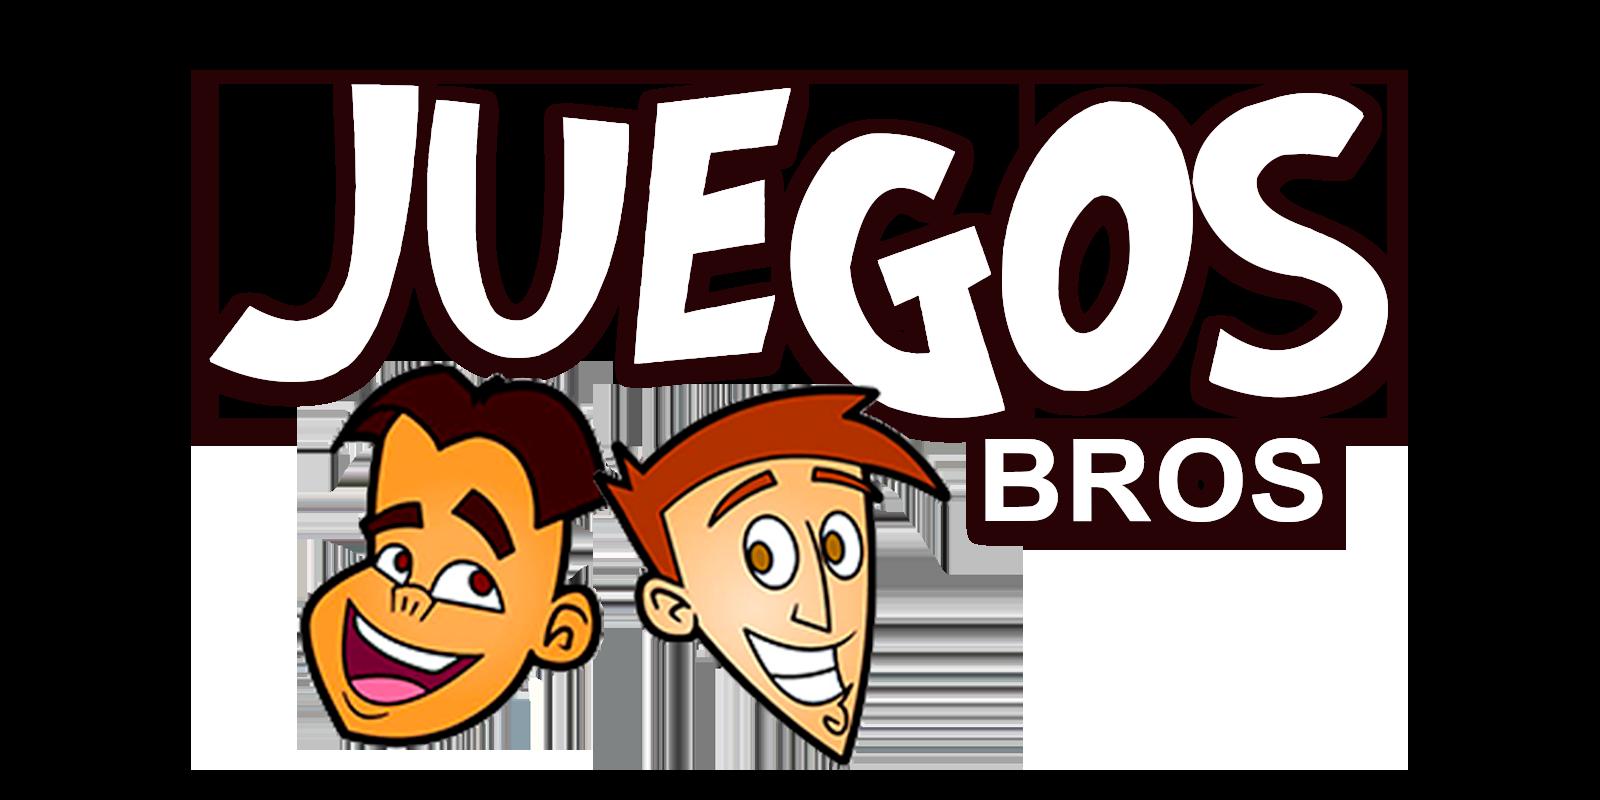 Juegos Bros